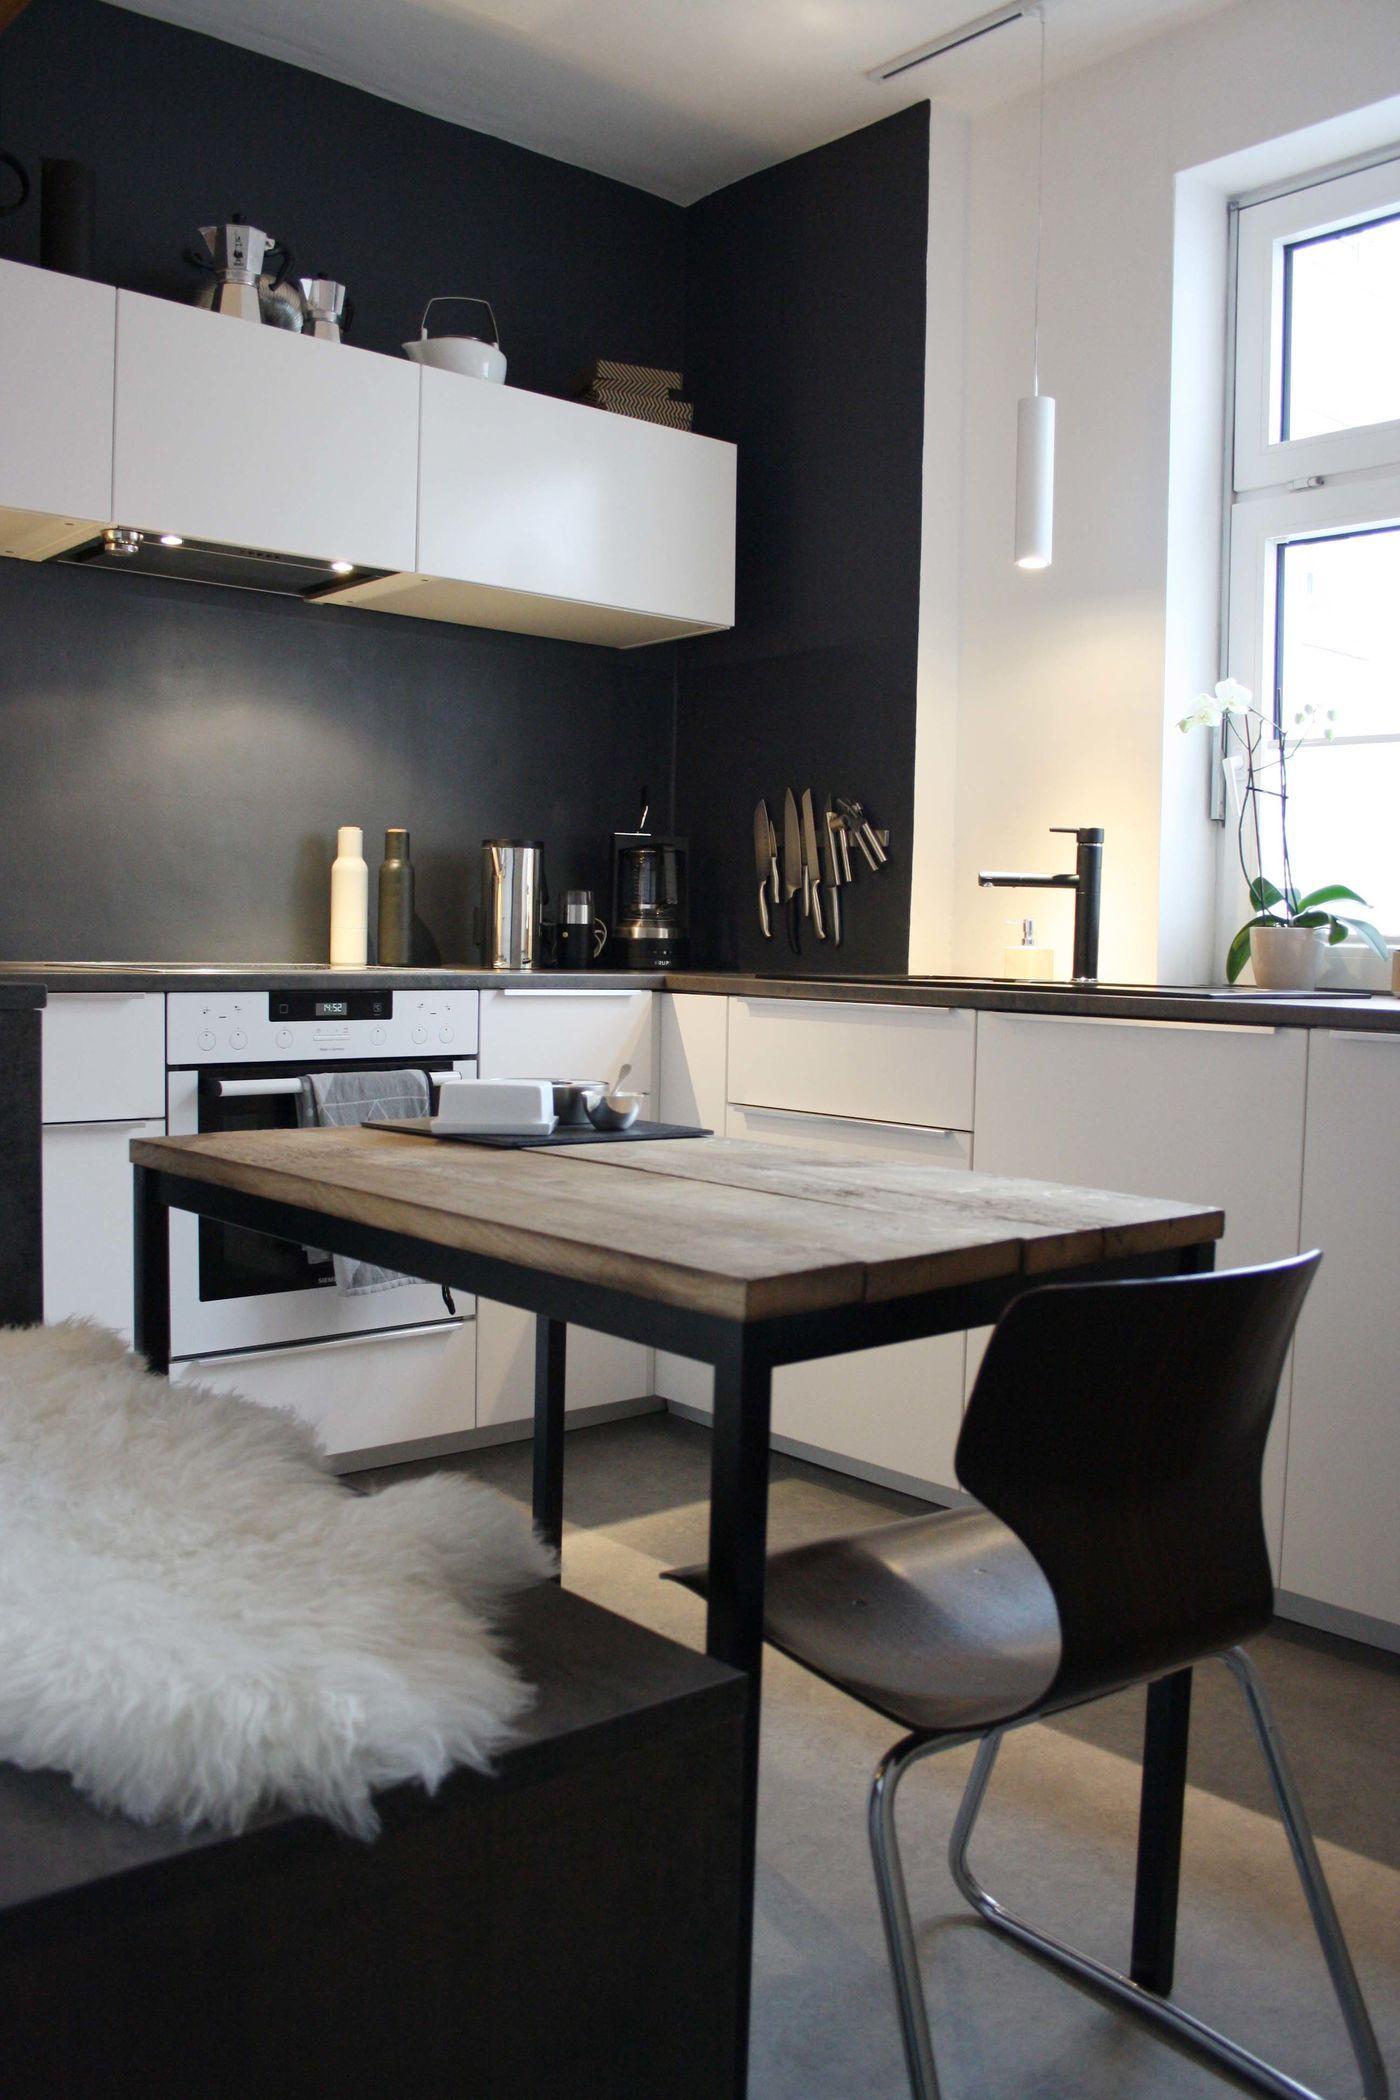 Tische selber bauen: Die besten Tipps und Ideen